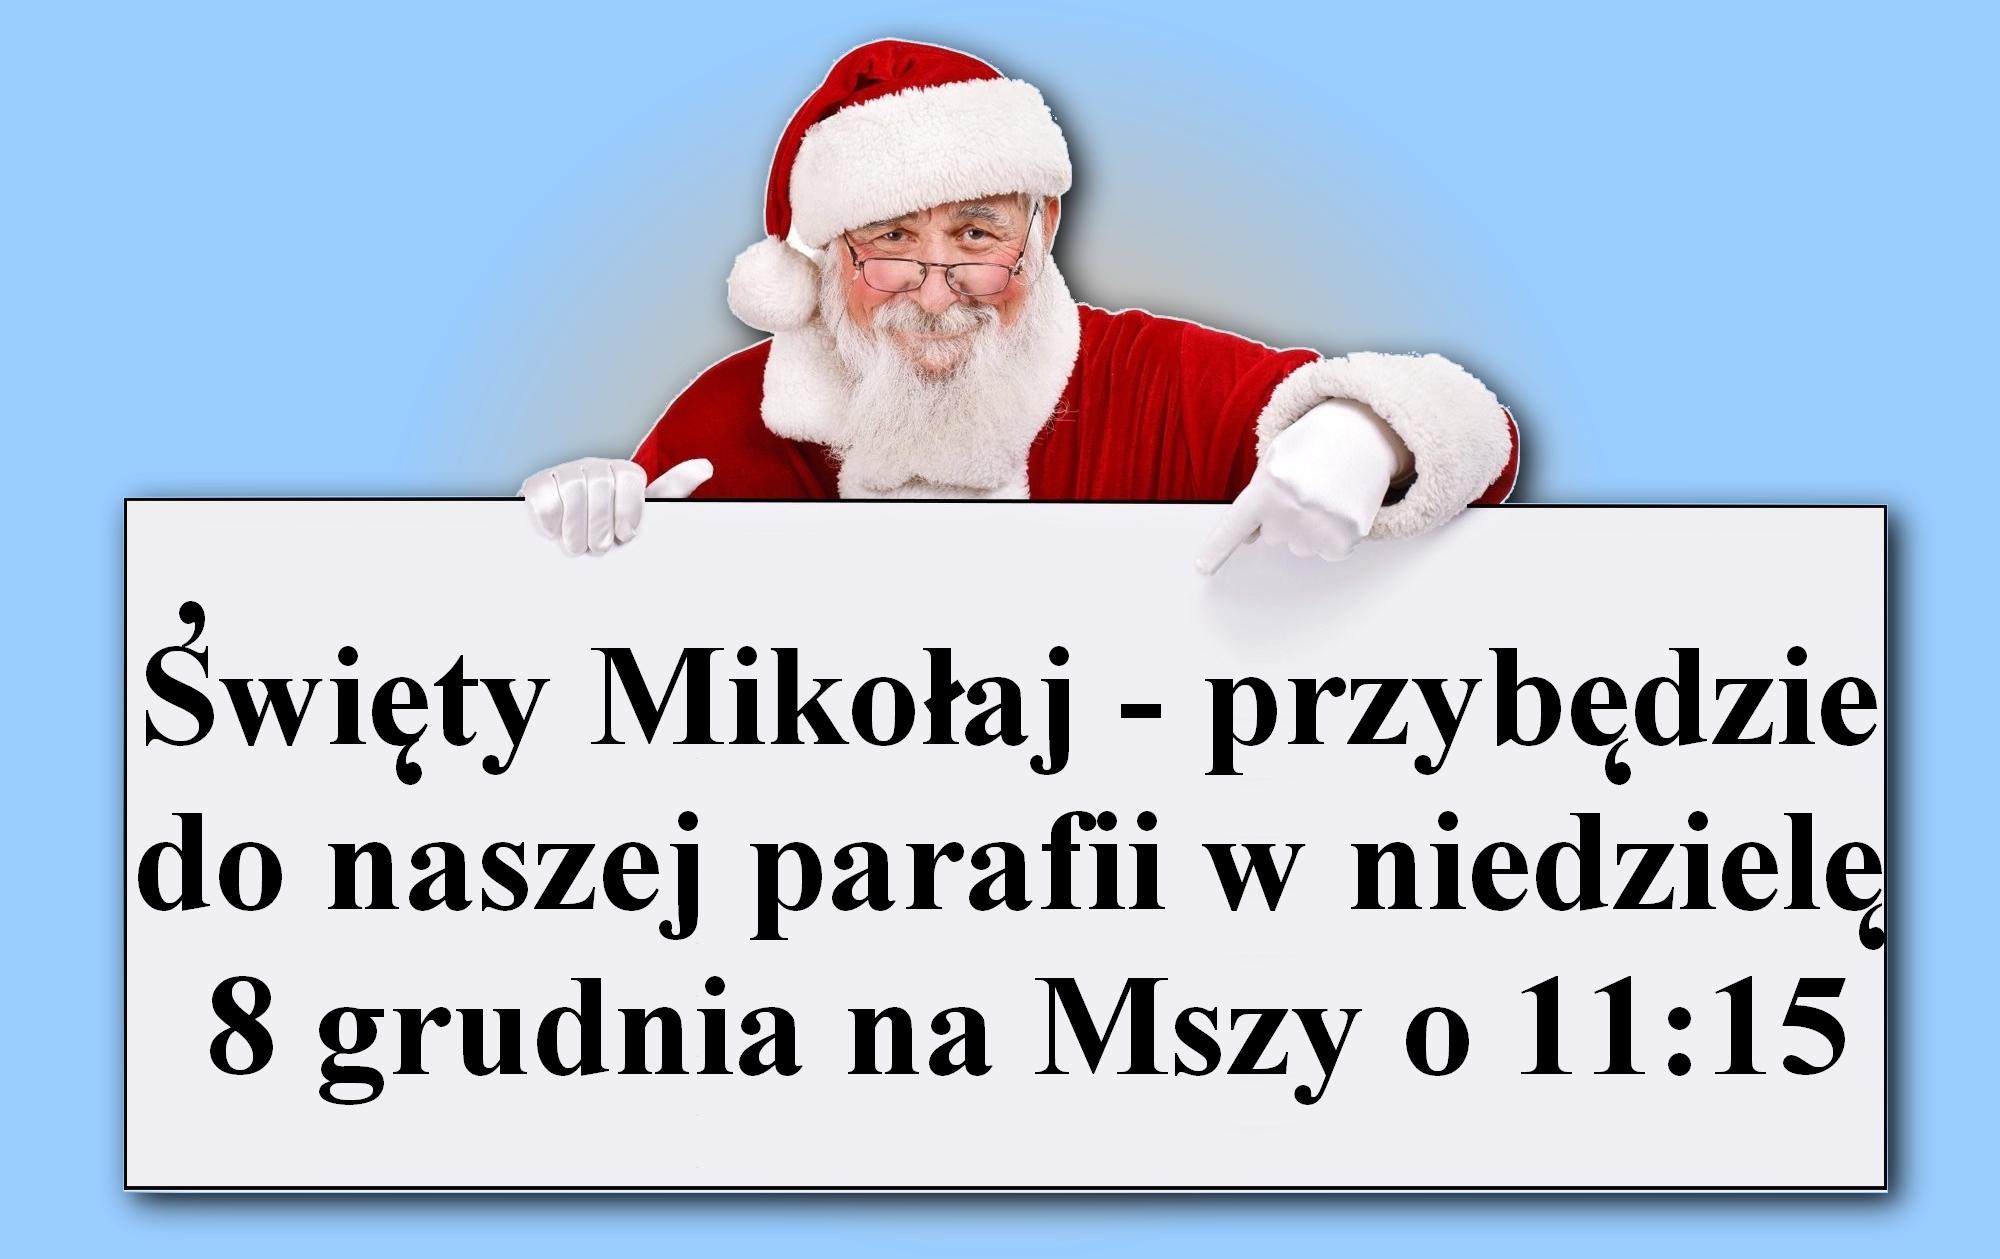 sw-mikolaj